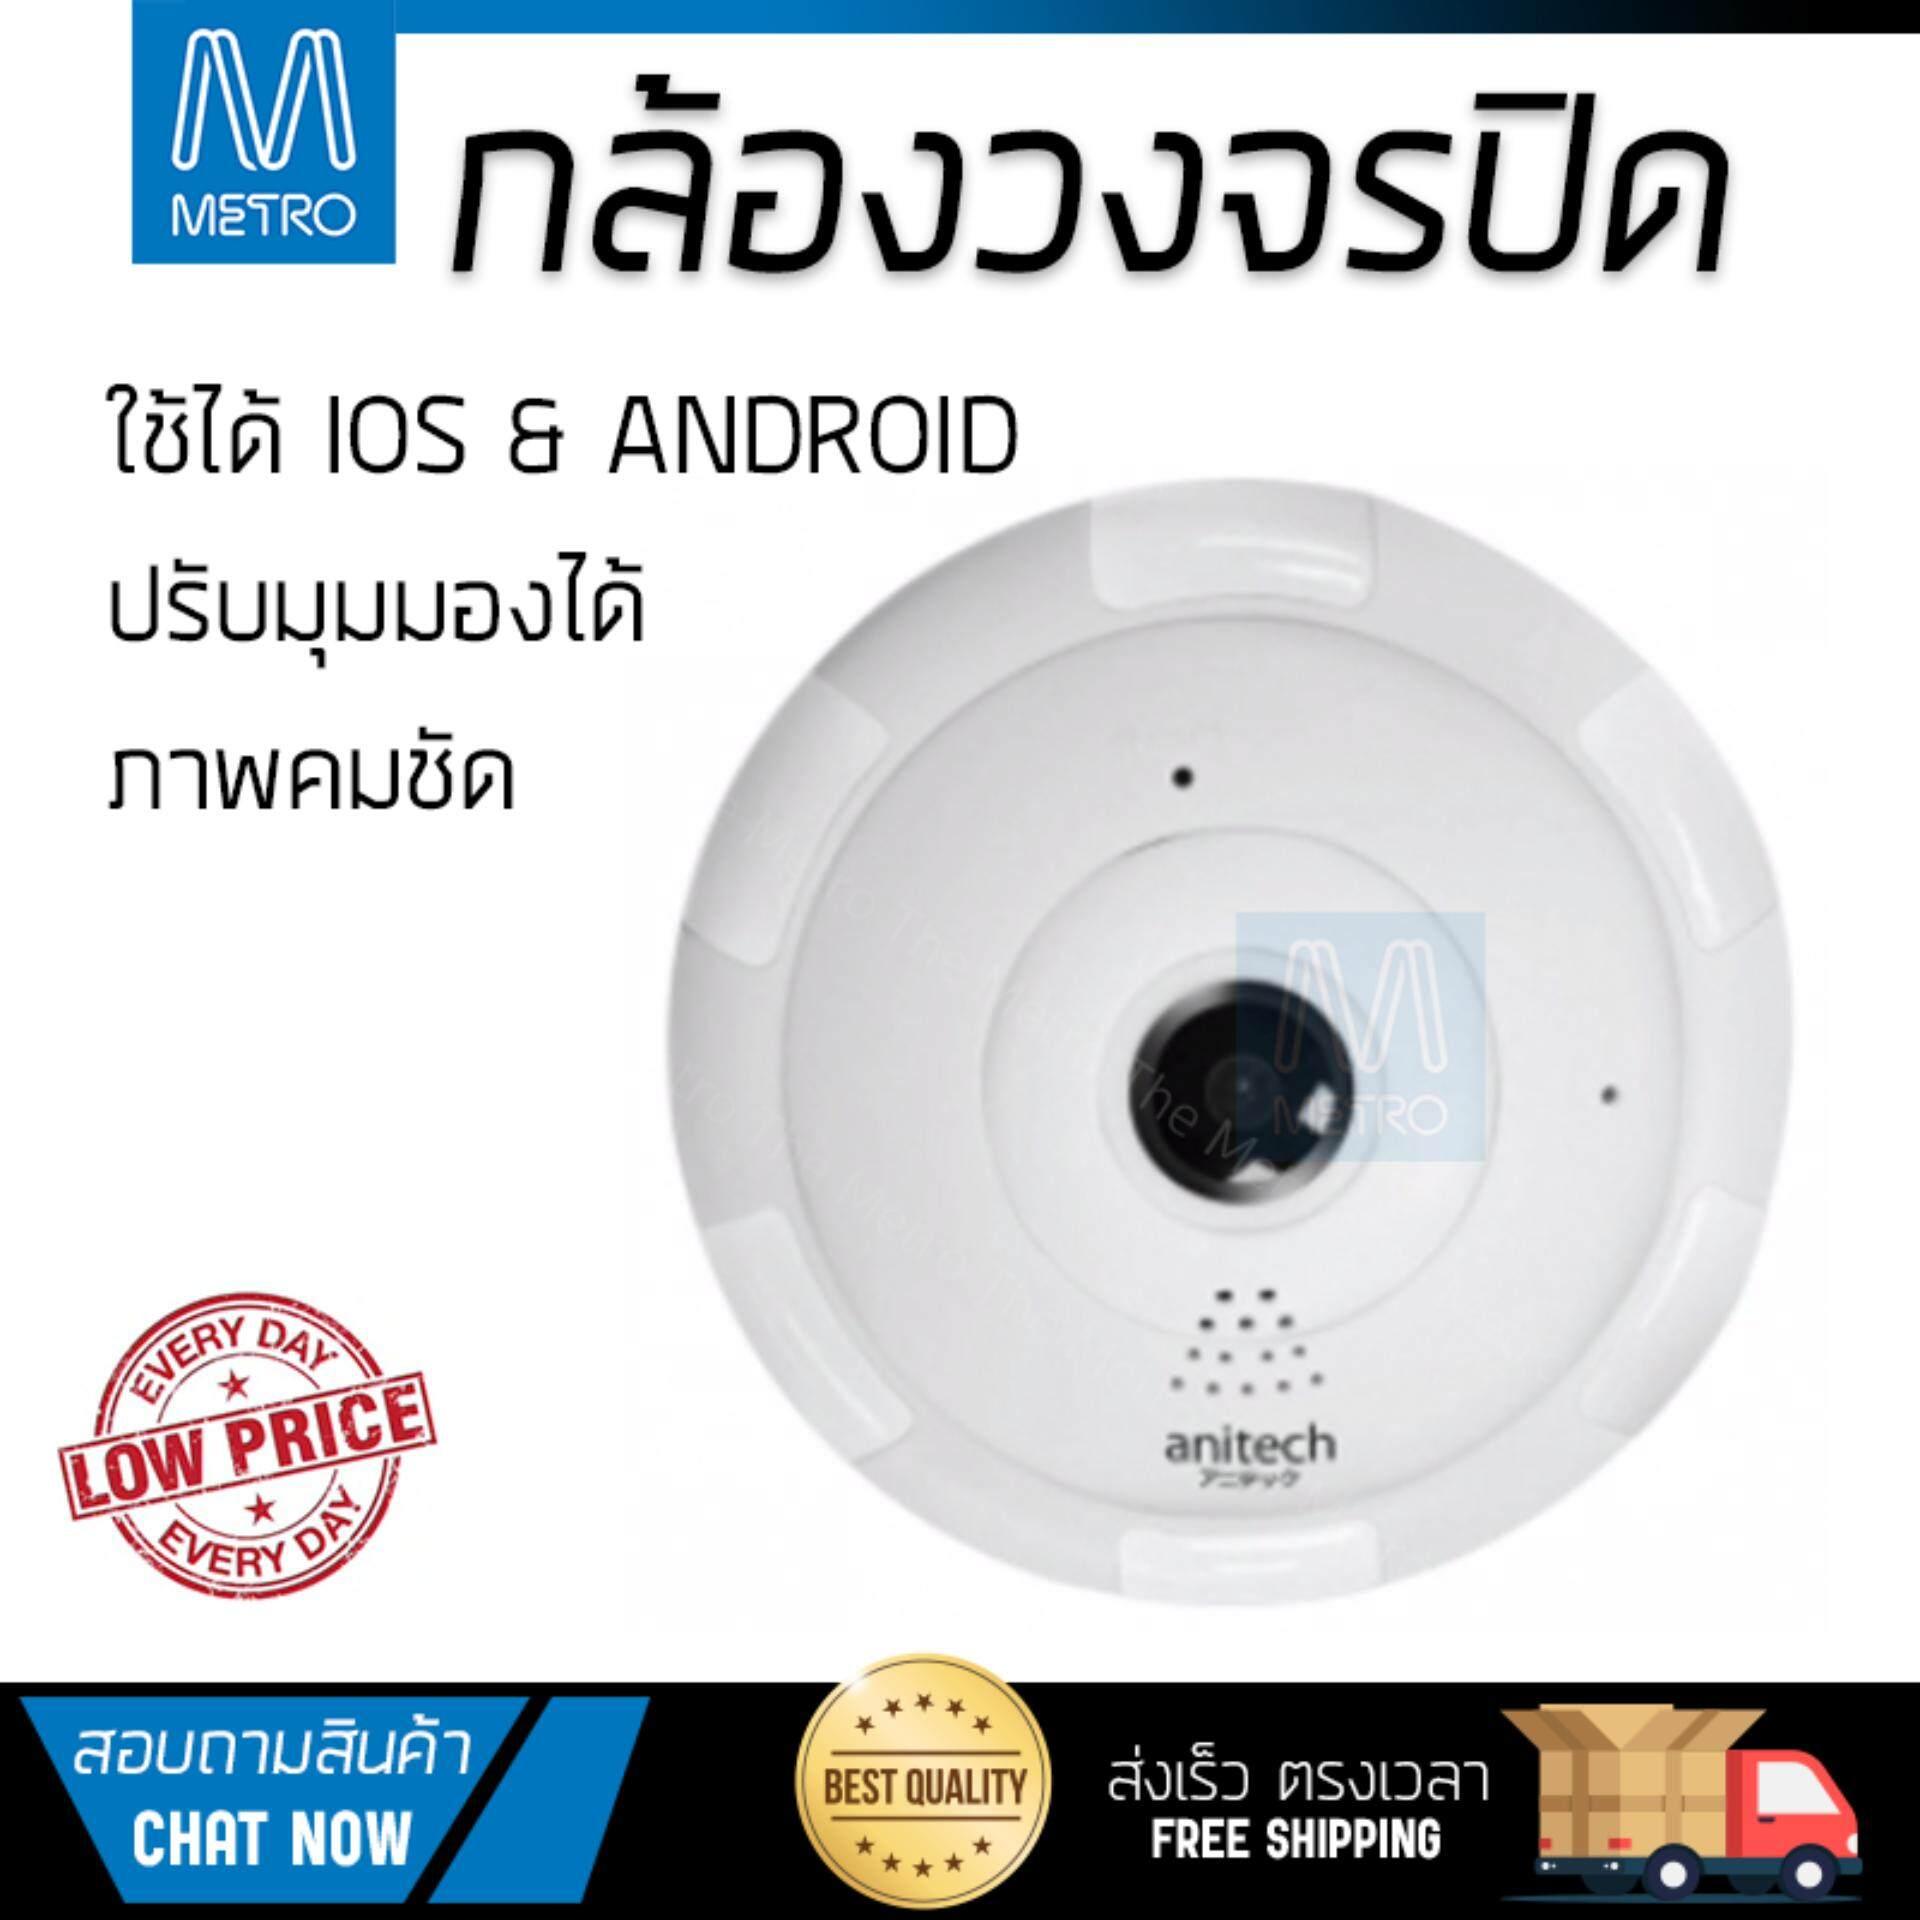 ขายดีมาก! โปรโมชัน กล้องวงจรปิด           ANITECH กล้องวงจรปิด (สีขาว) รุ่น IP103             ภาพคมชัด ปรับมุมมองได้ กล้อง IP Camera รับประกันสินค้า 1 ปี จัดส่งฟรี Kerry ทั่วประเทศ